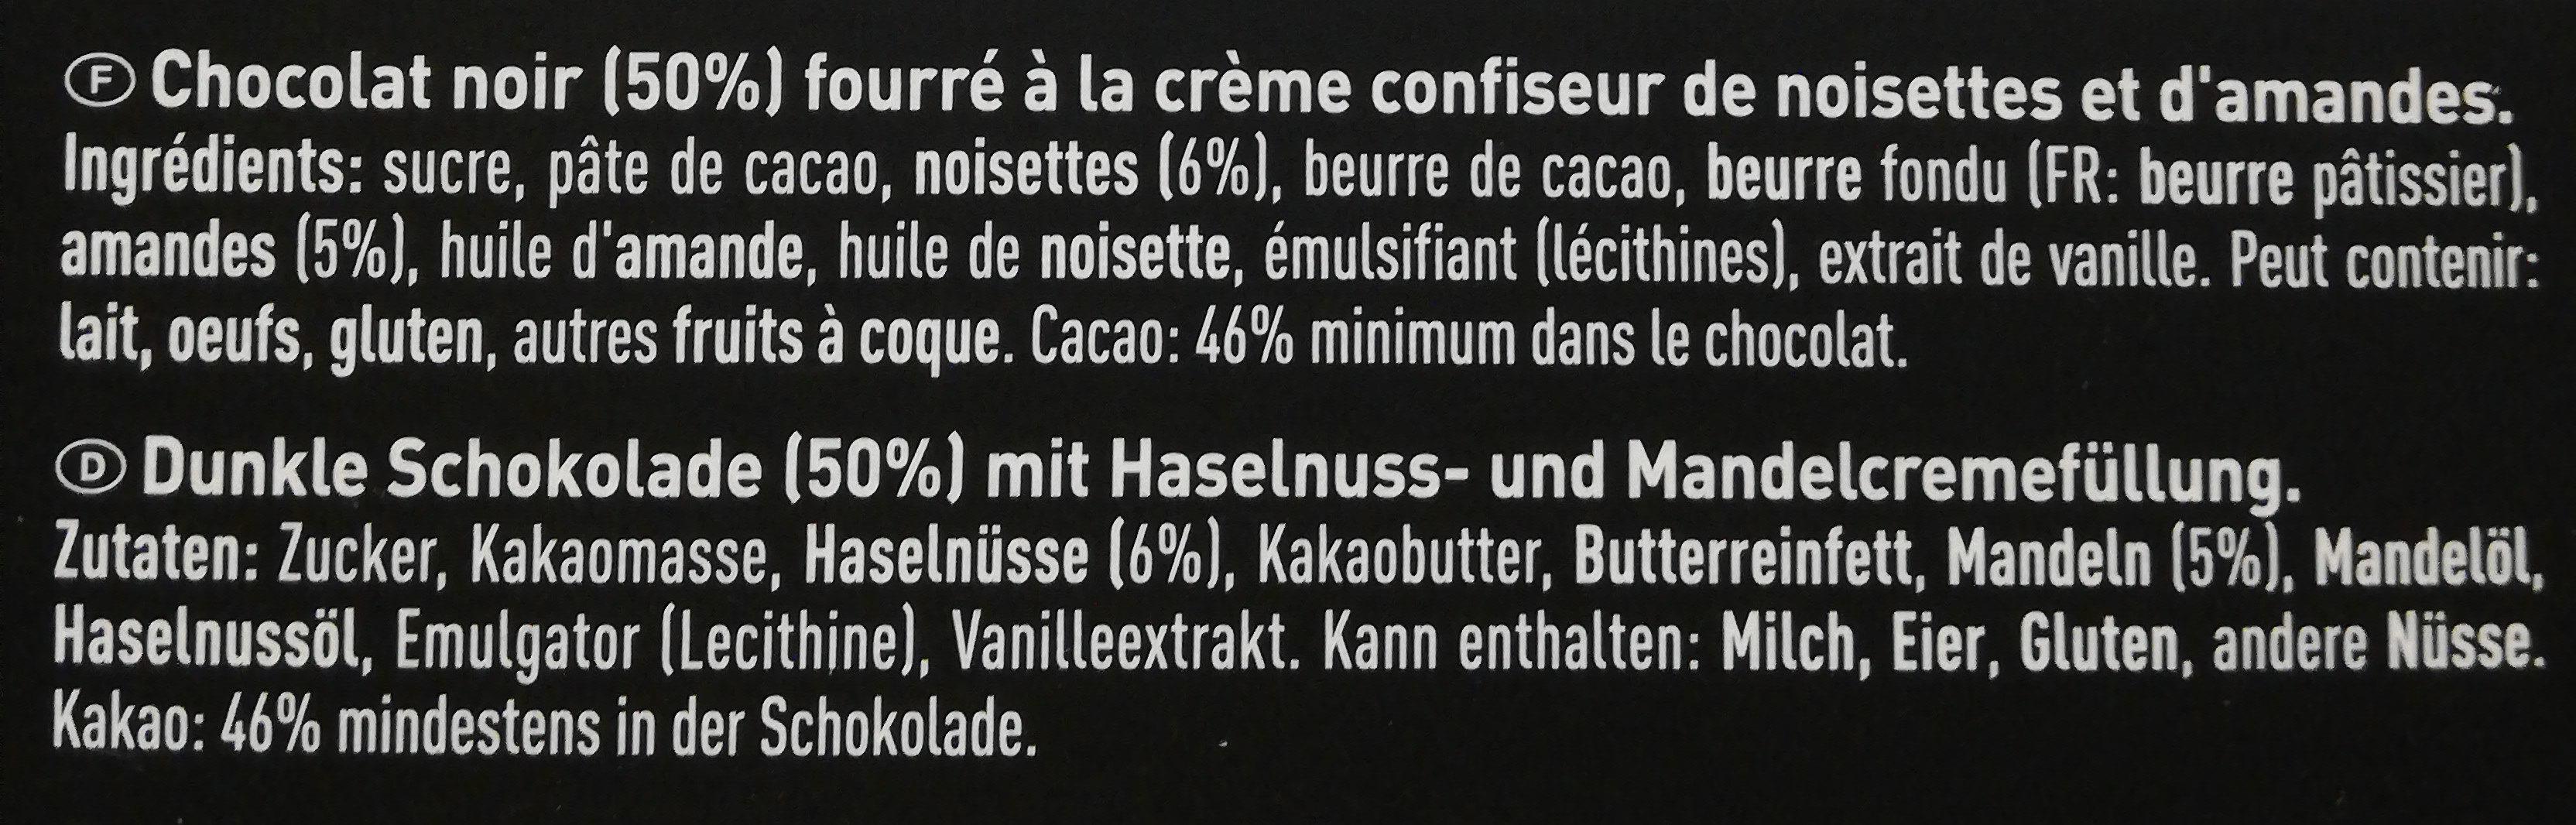 Of Switzerland FRIGOR NOIR CHOCOLAT NOIR FIN FOURRÉ À LA CRÈME DE NOISETTES ET D'AMANDES - Ingredienti - fr